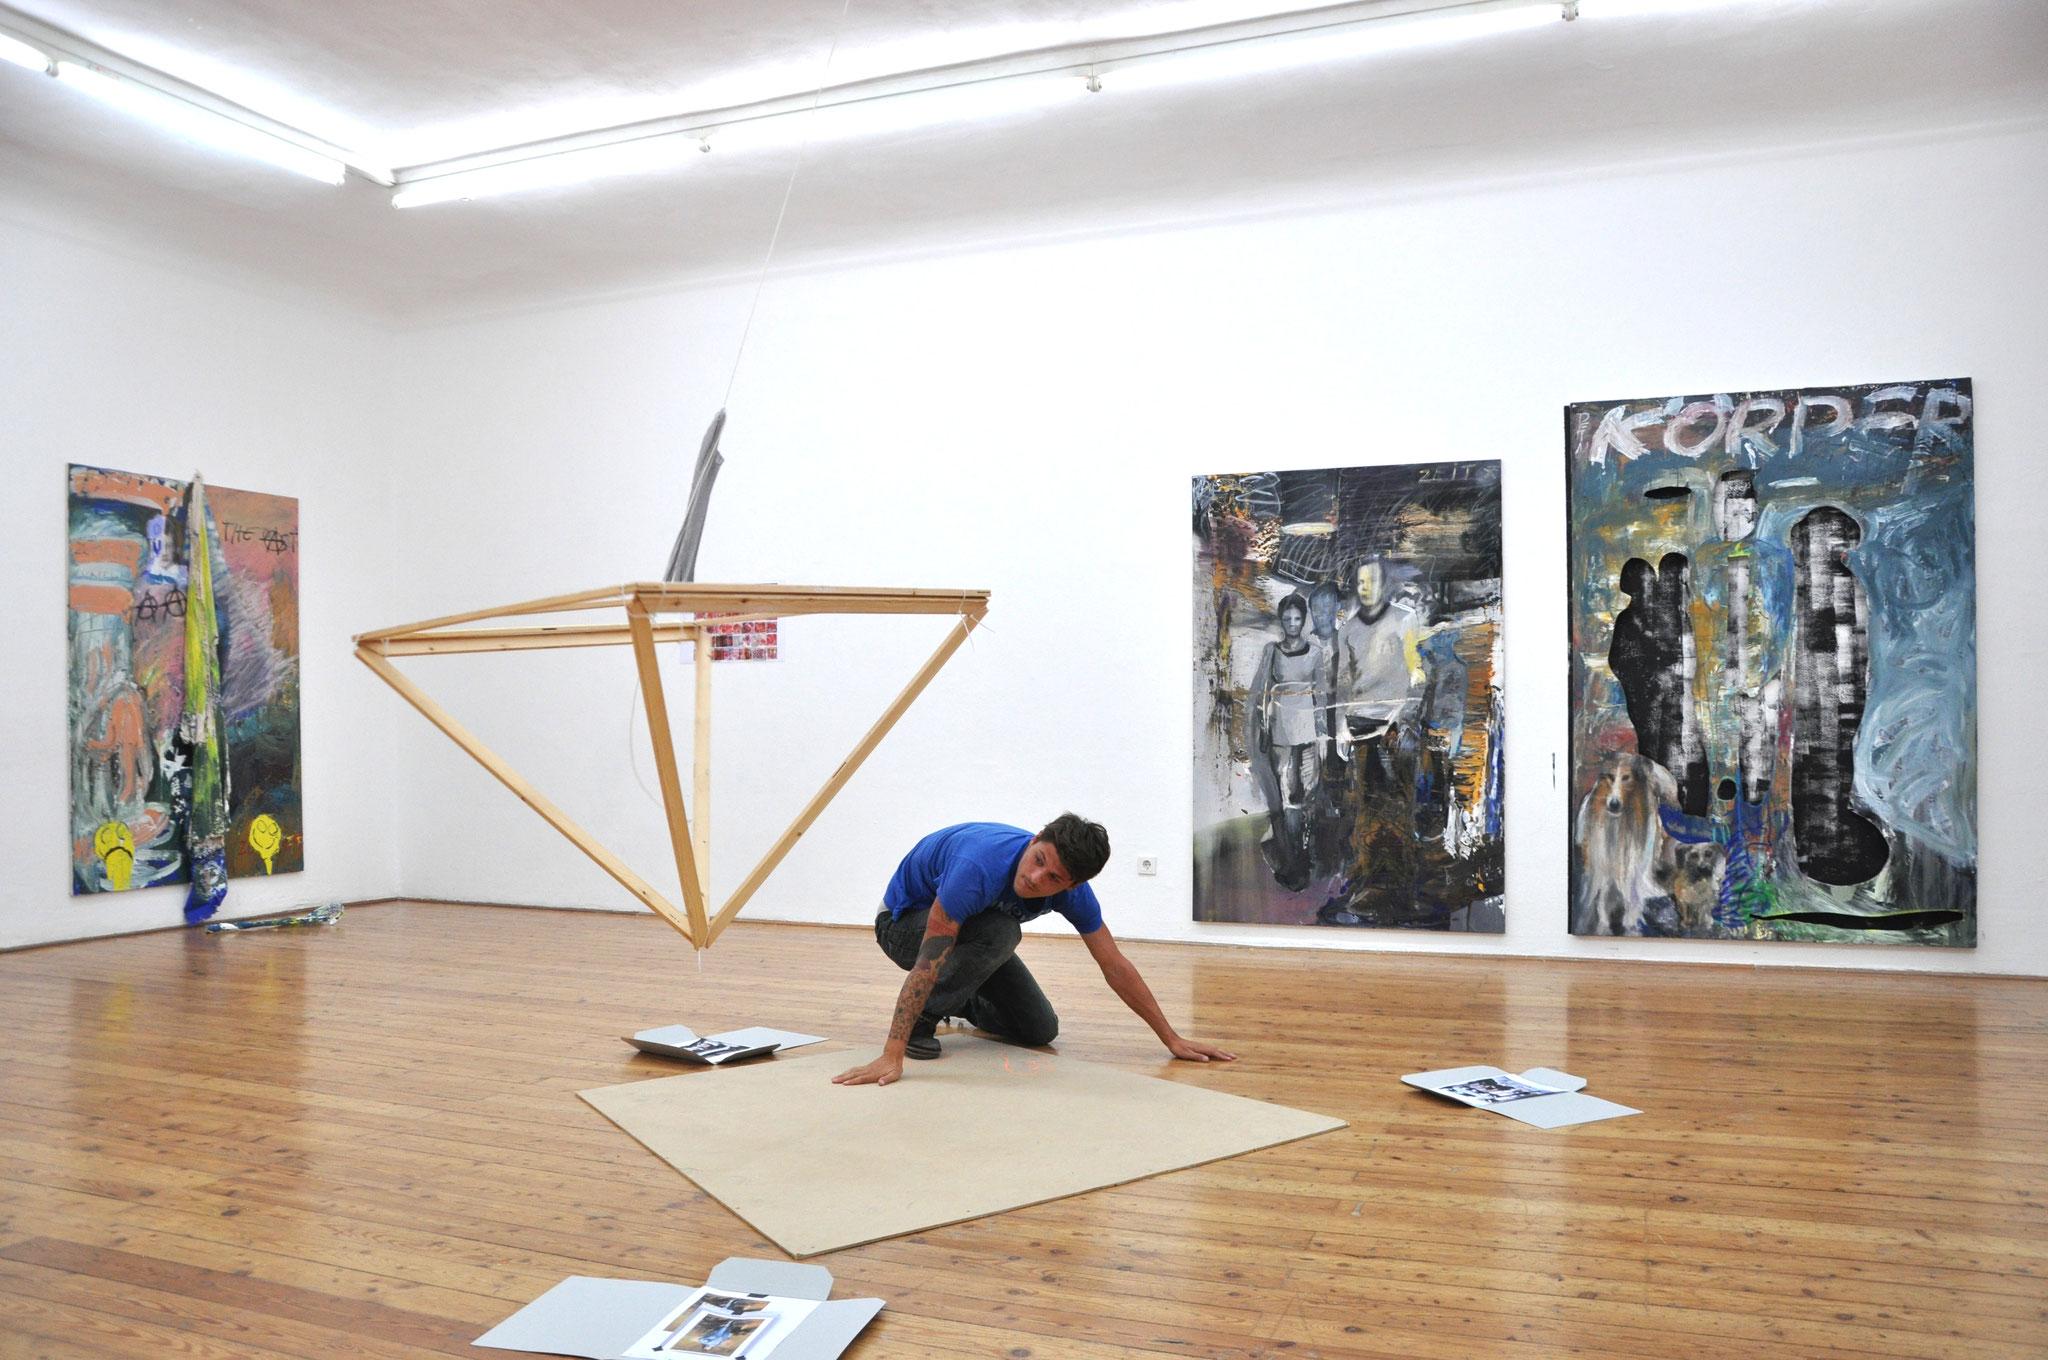 Séance und Gegenzauber, Gallery 5020, Salzburg (AT), 2012